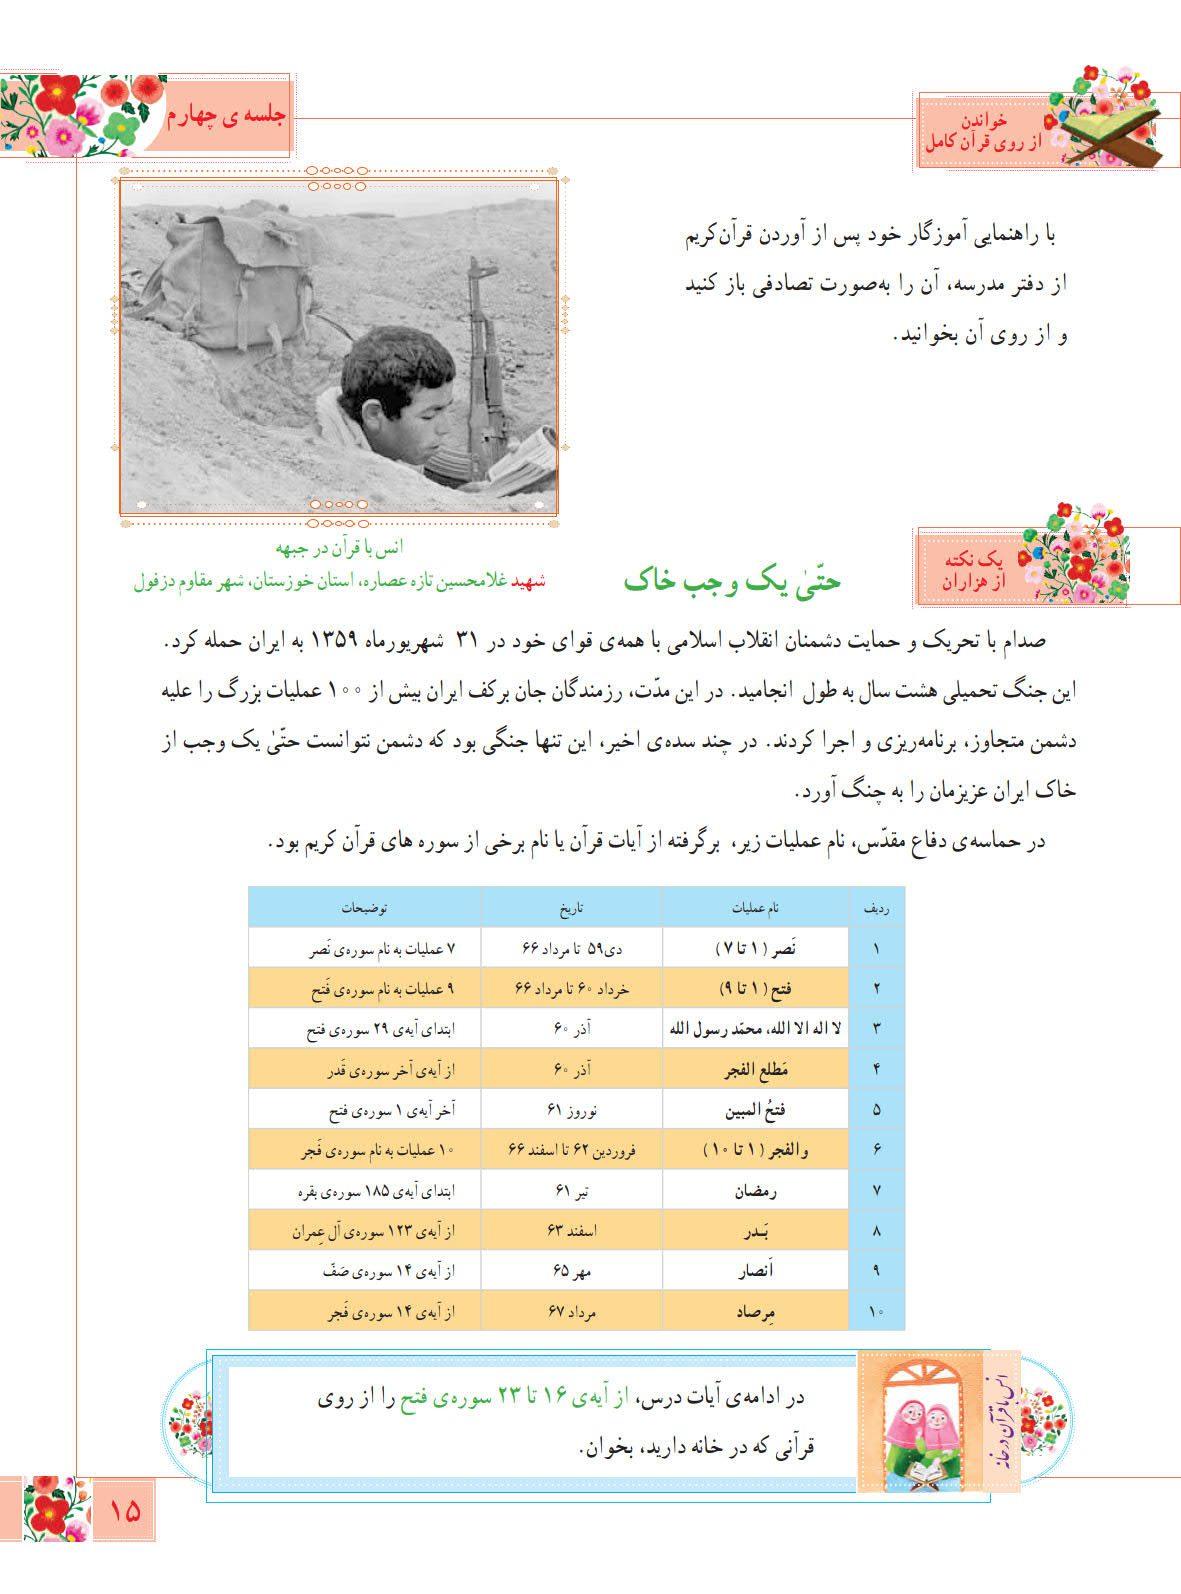 آموزش قرآن پایه ششم ابتدایی - درس دوم - کلاس اینترنتی ما - مومکا - صفحه 15- momeka.ir (1)